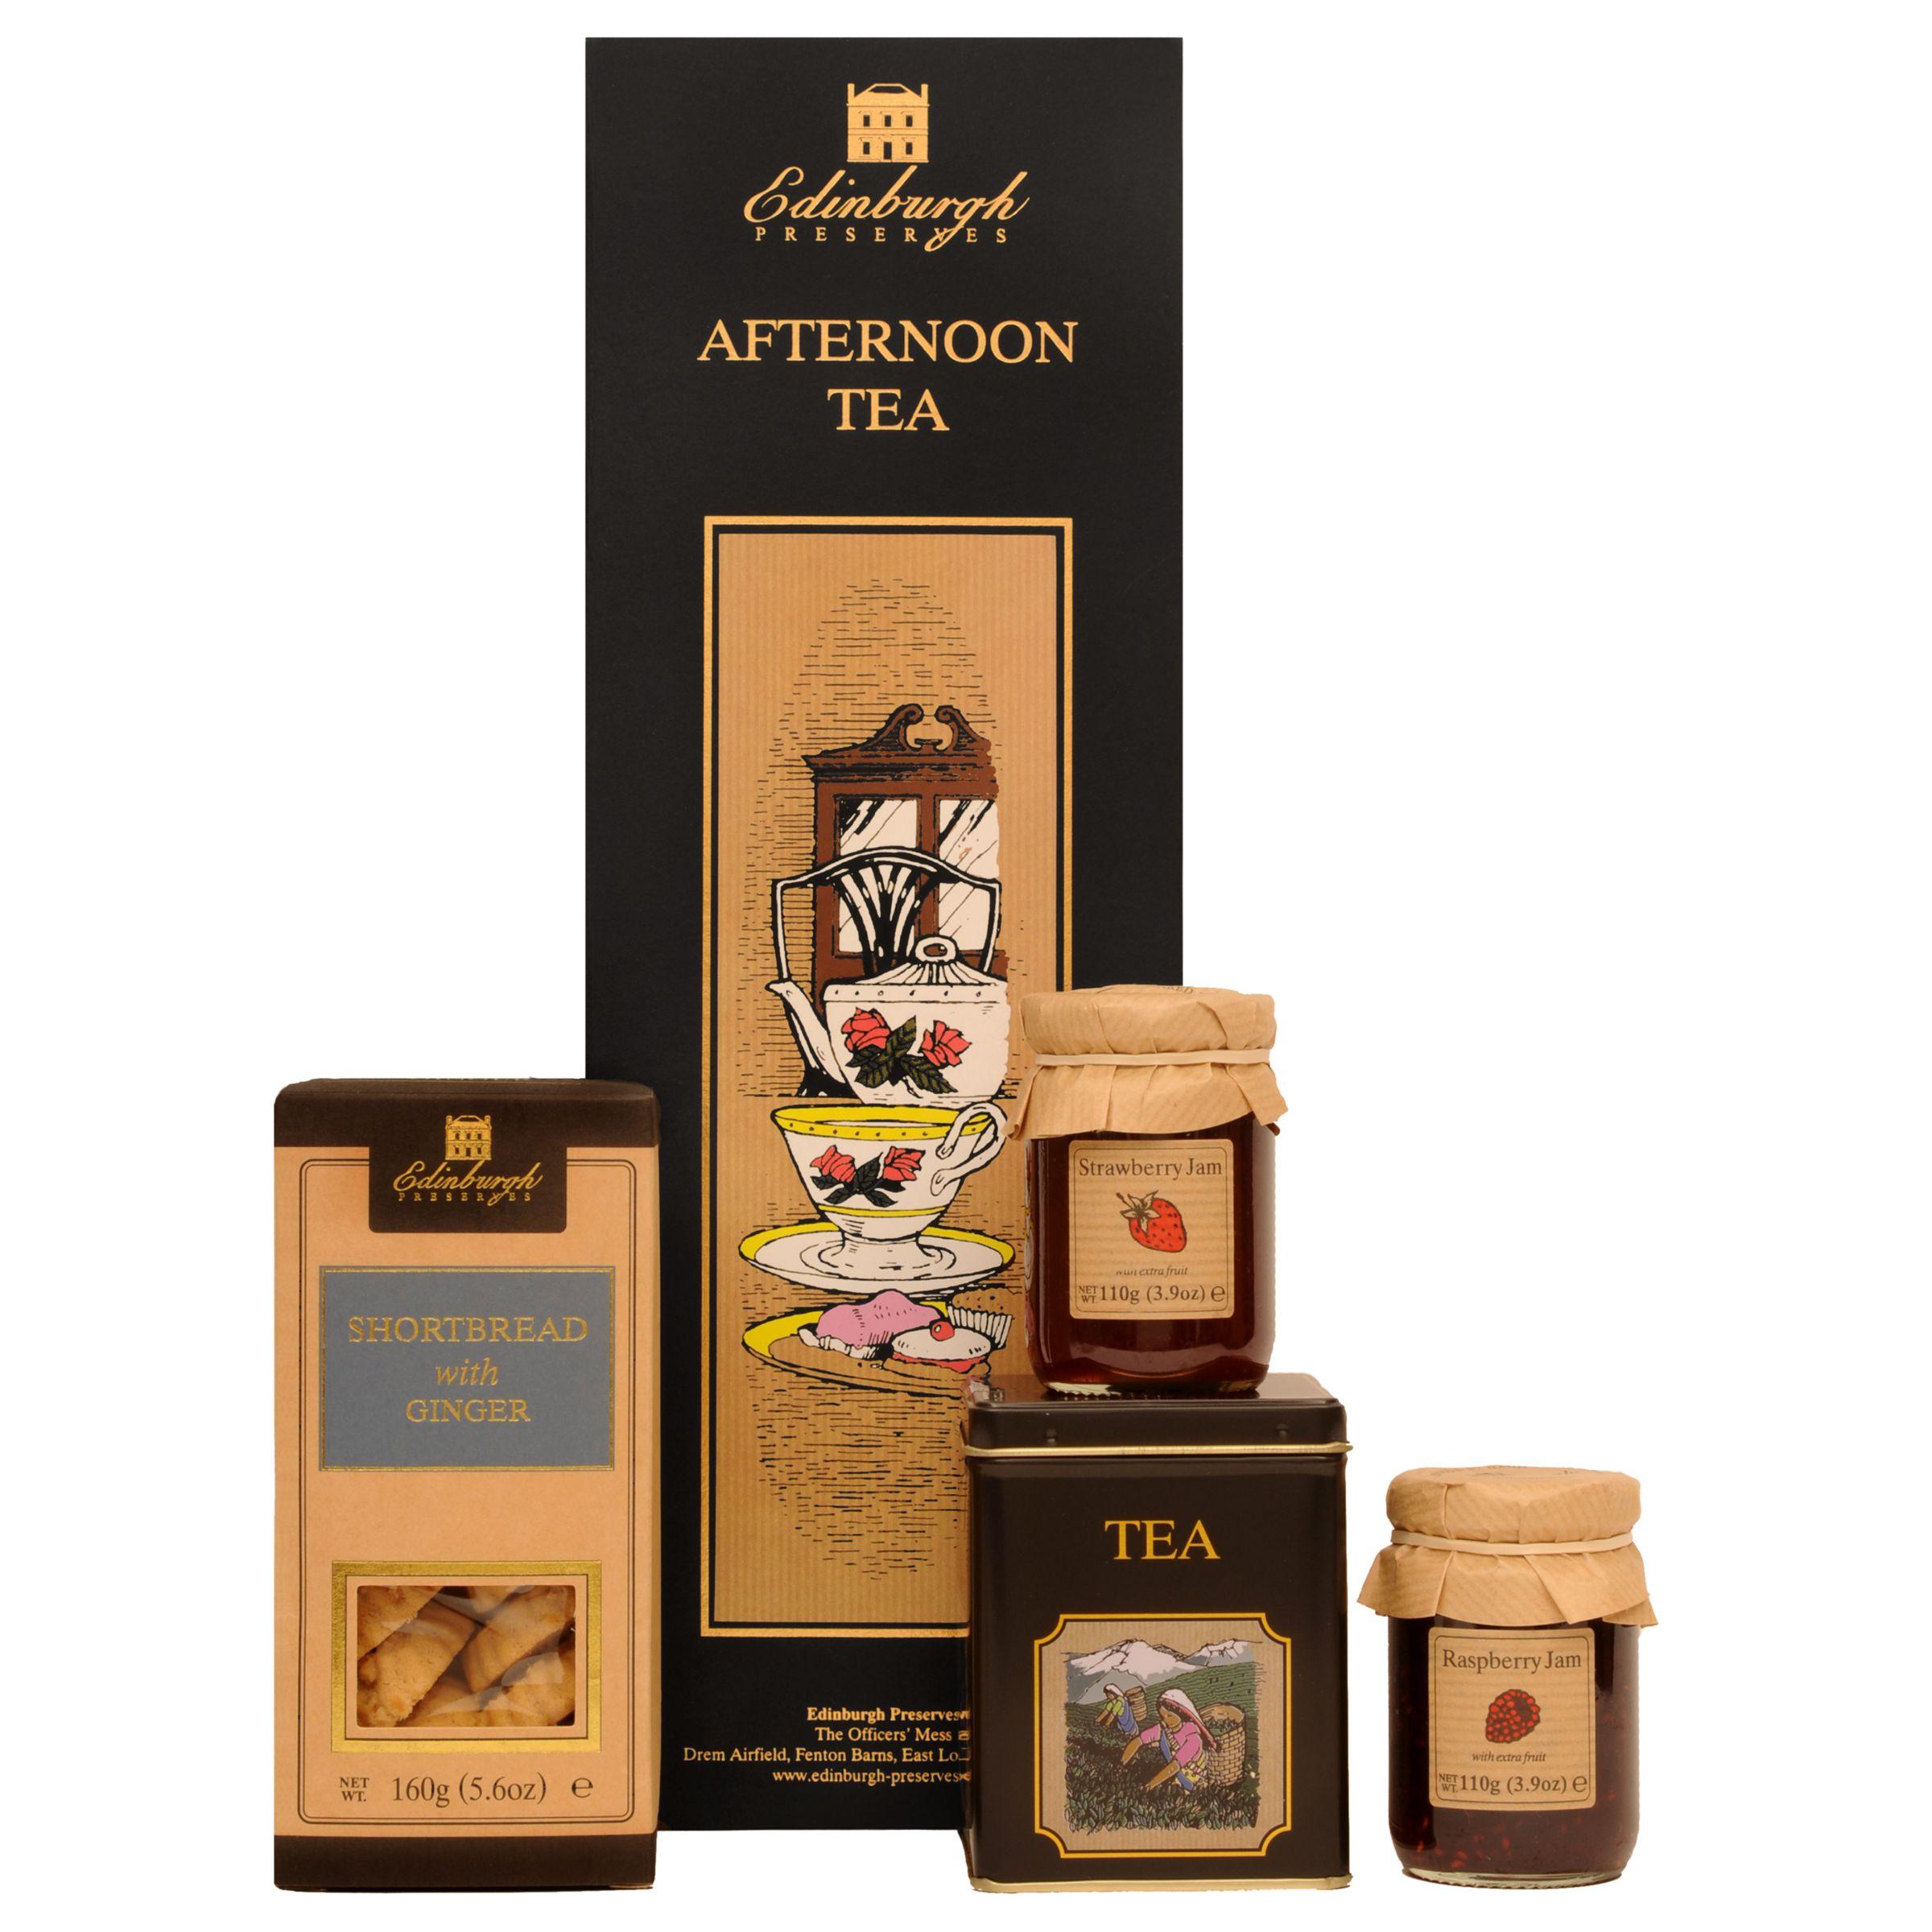 Edinburgh Preserves Edinburgh Preserves Afternoon Tea Gift Set